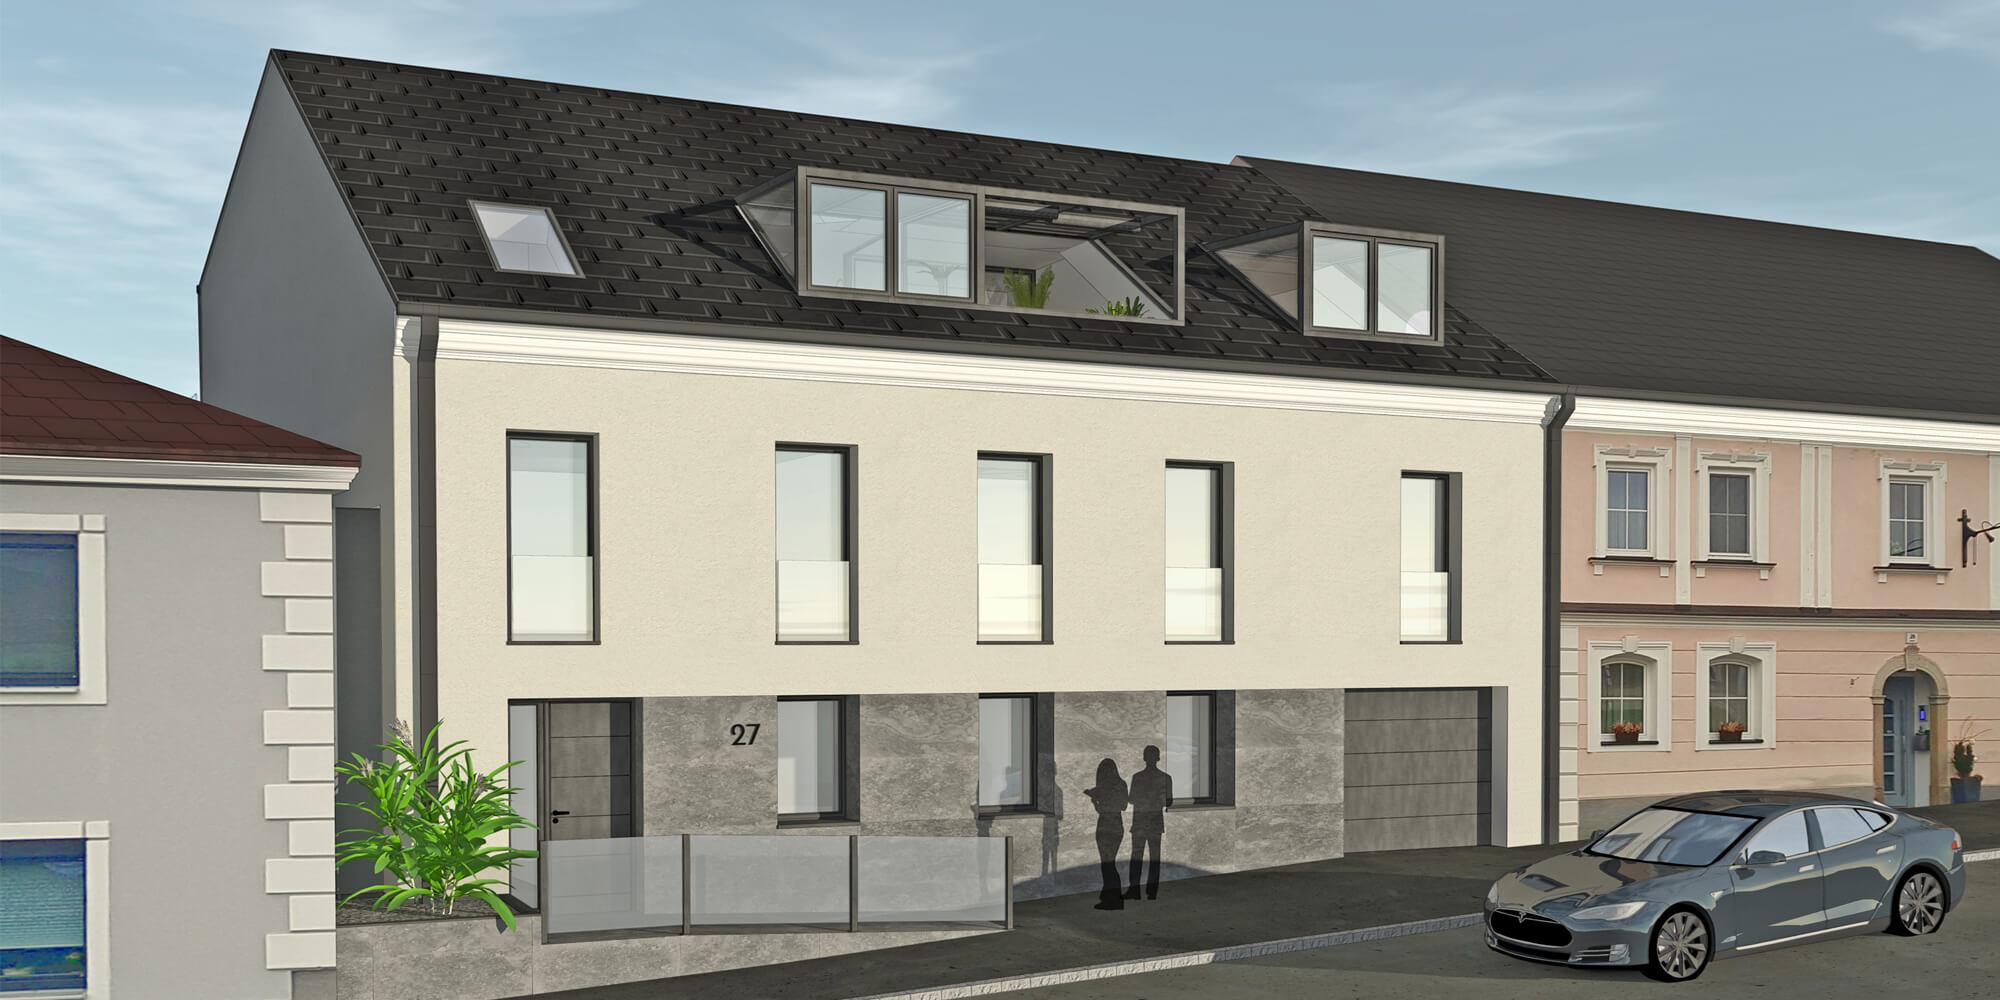 Crea-Plan-Design-Rauch-Frühmann-Architektur-Innenarchitektur-Design-Projekt-Referenz-Wohnbau-Reichenthal-2